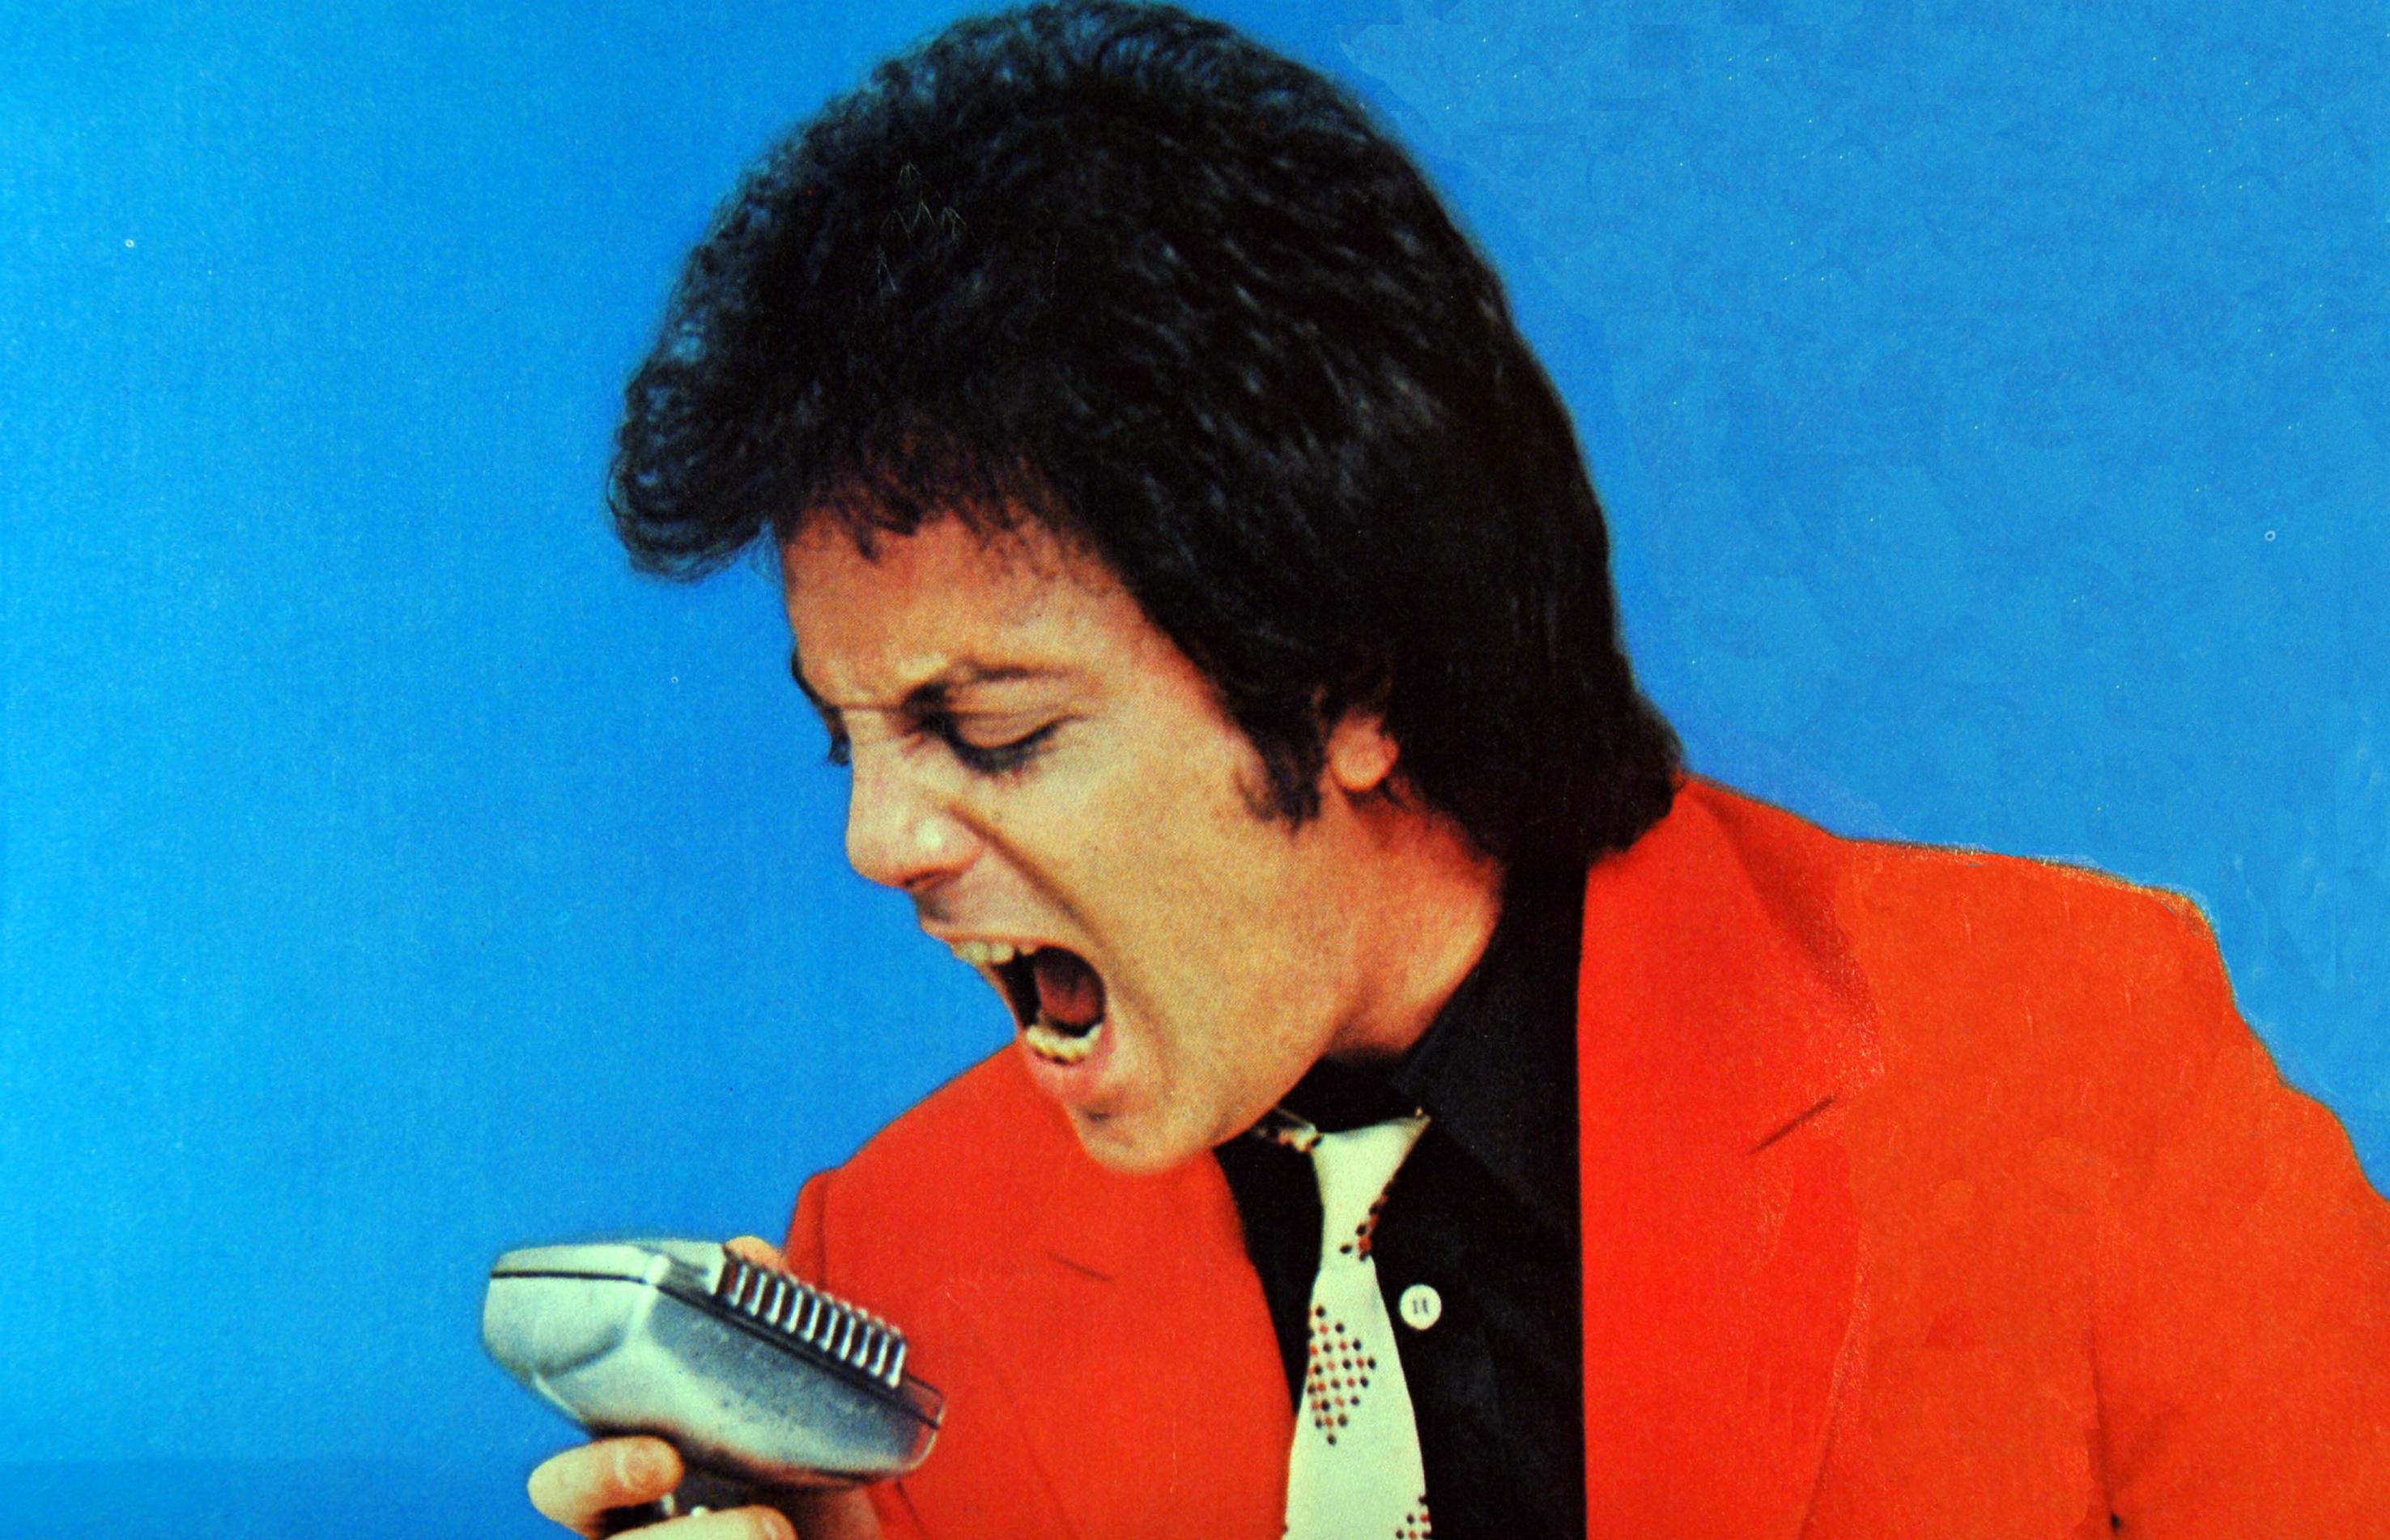 Billy Joel Hd Background